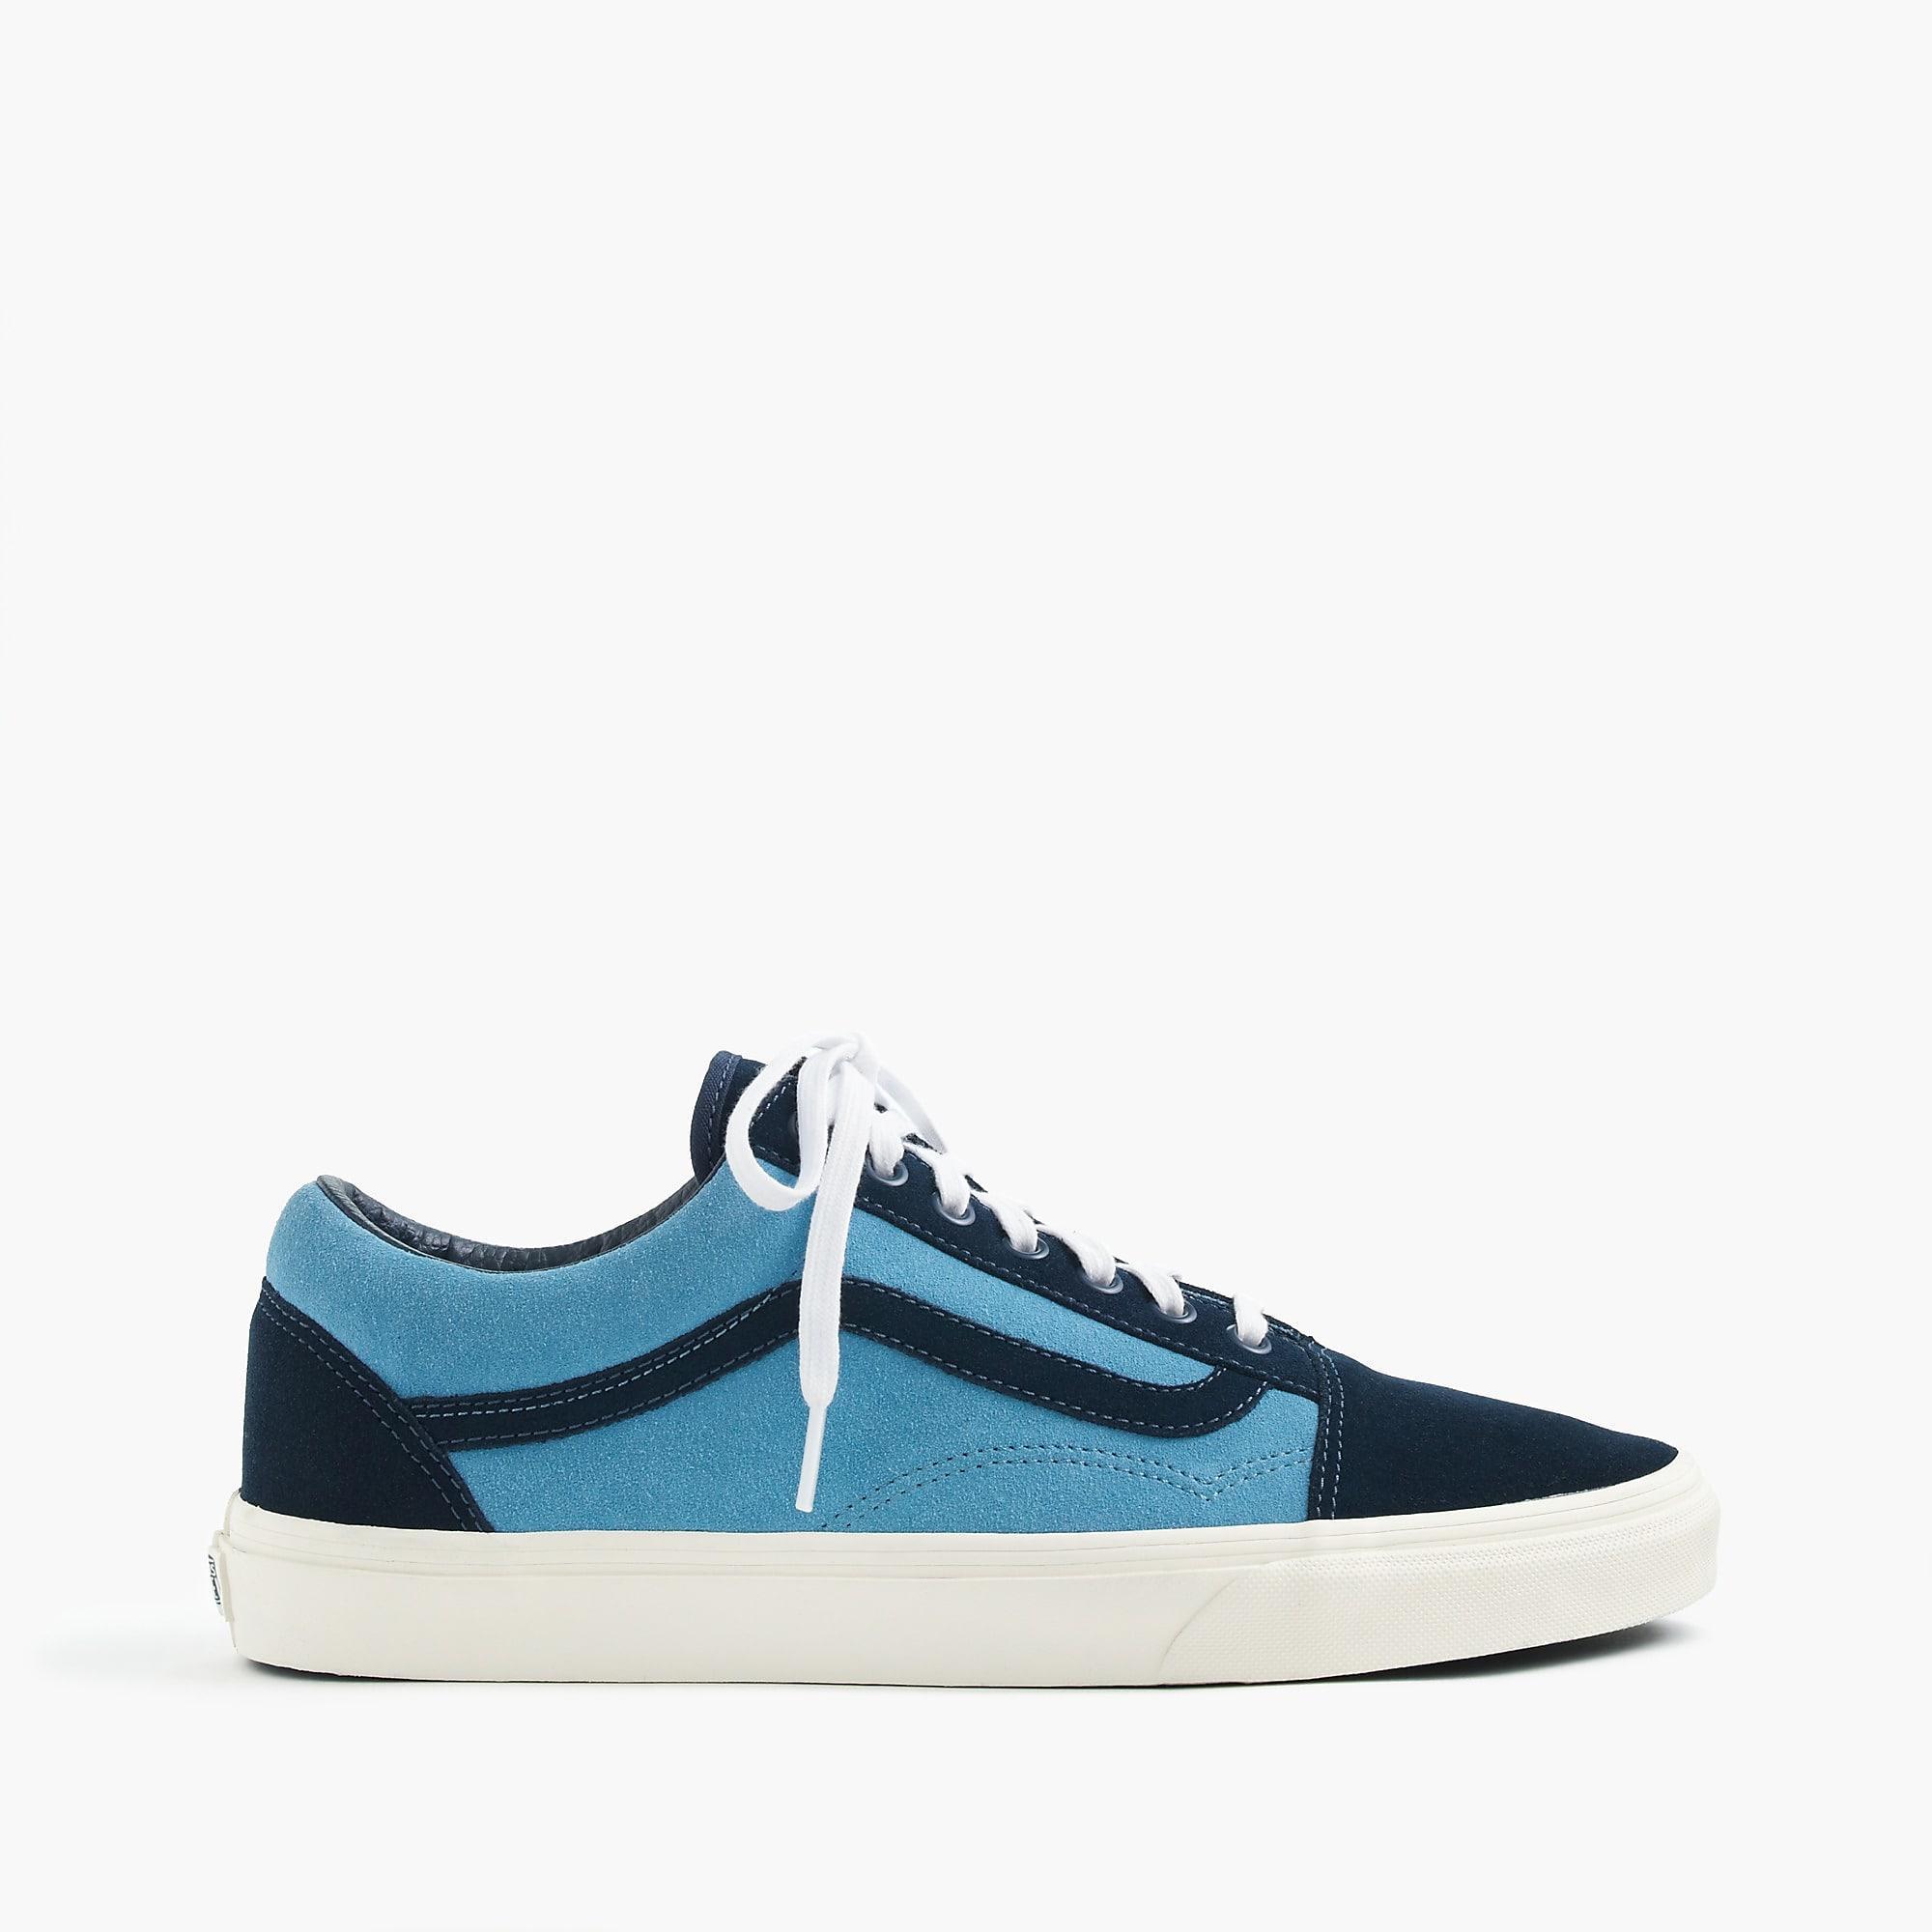 Vans Old Skool Sneakers In Suede in Blue for Men